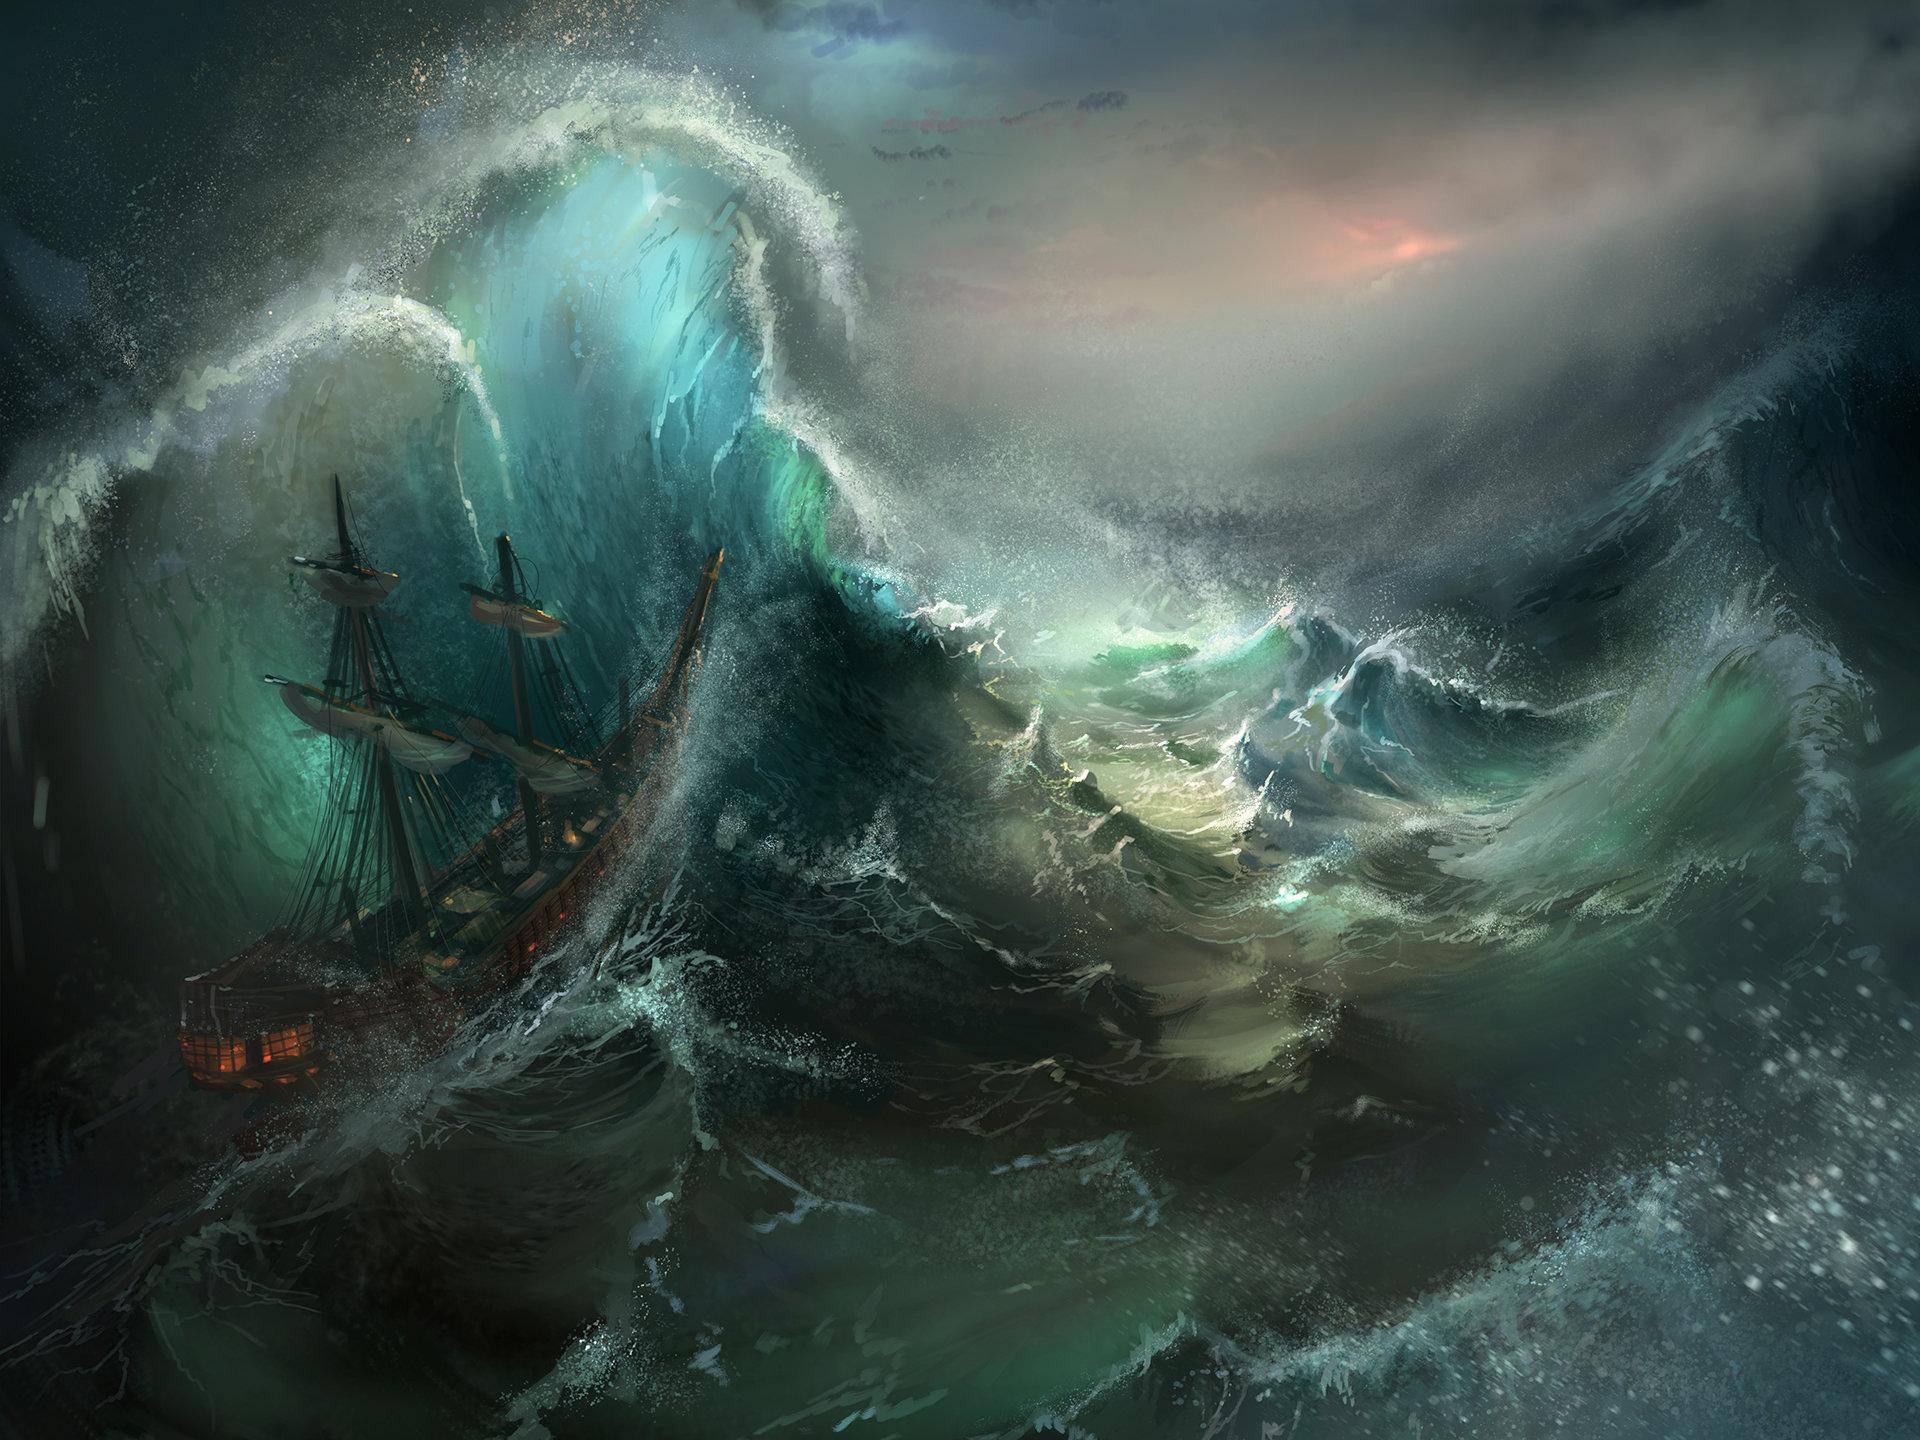 Artstation - Stormy Seas Tysen Johnson